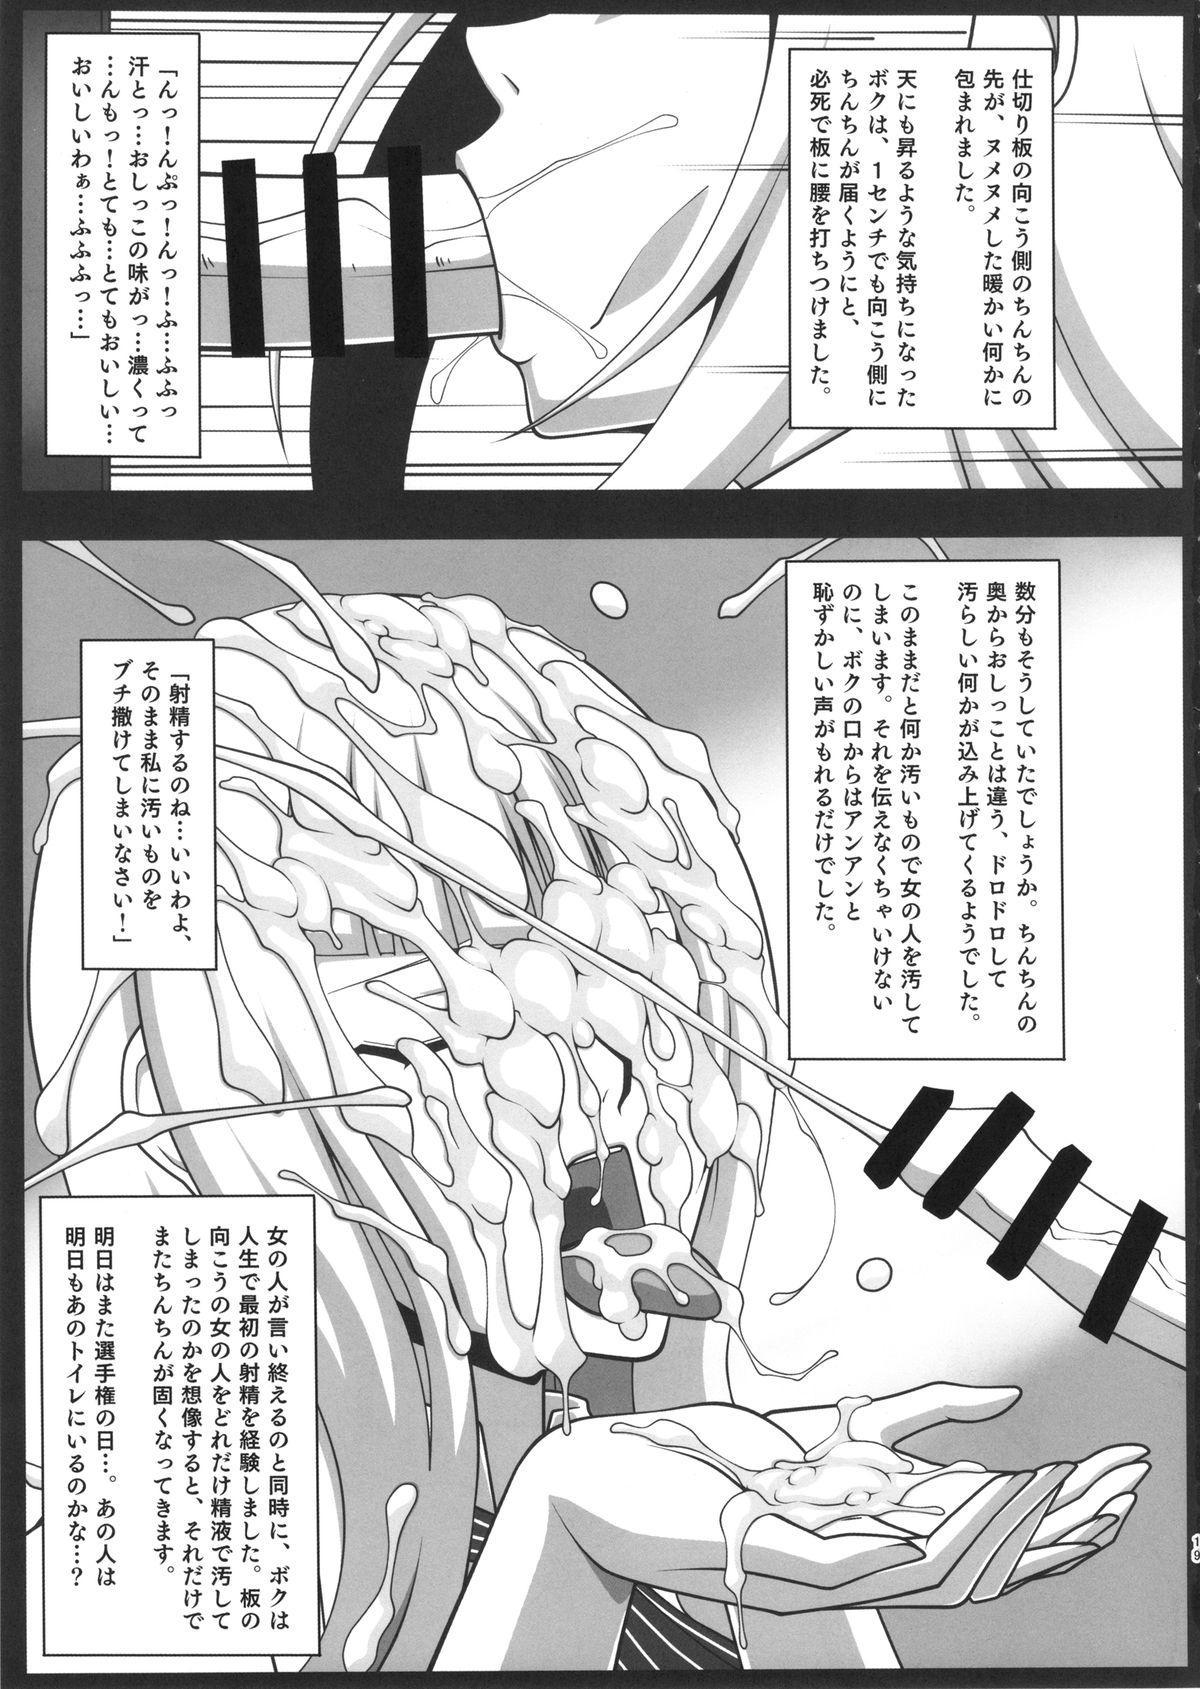 Kamiki Mirai no Sekai 20